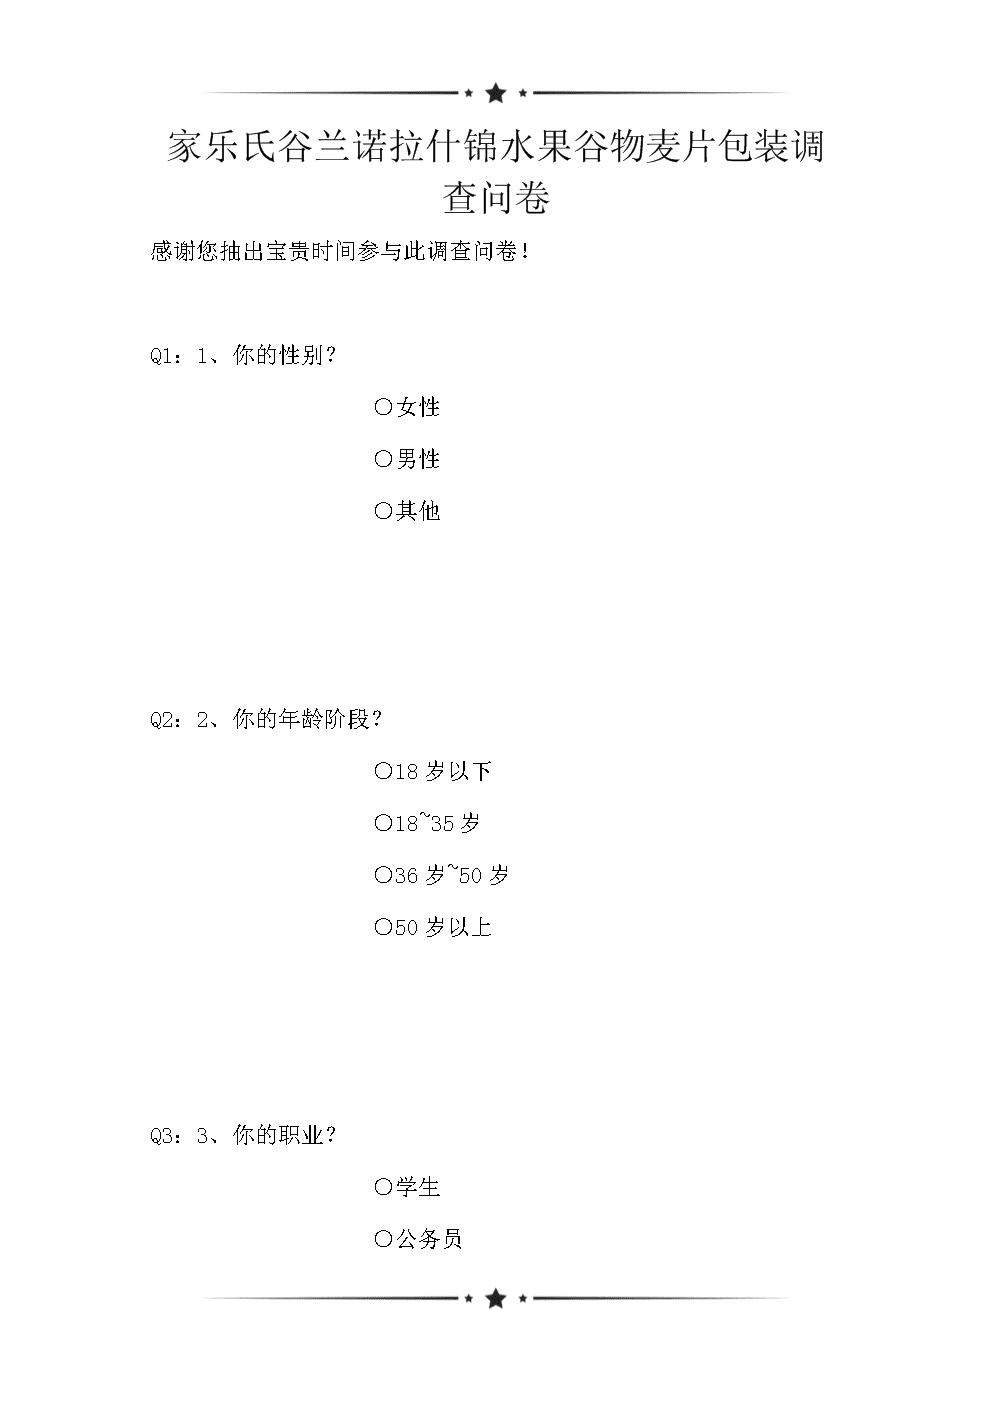 家乐氏谷兰诺拉什锦水果谷物麦片包装调查问卷(可编辑).doc